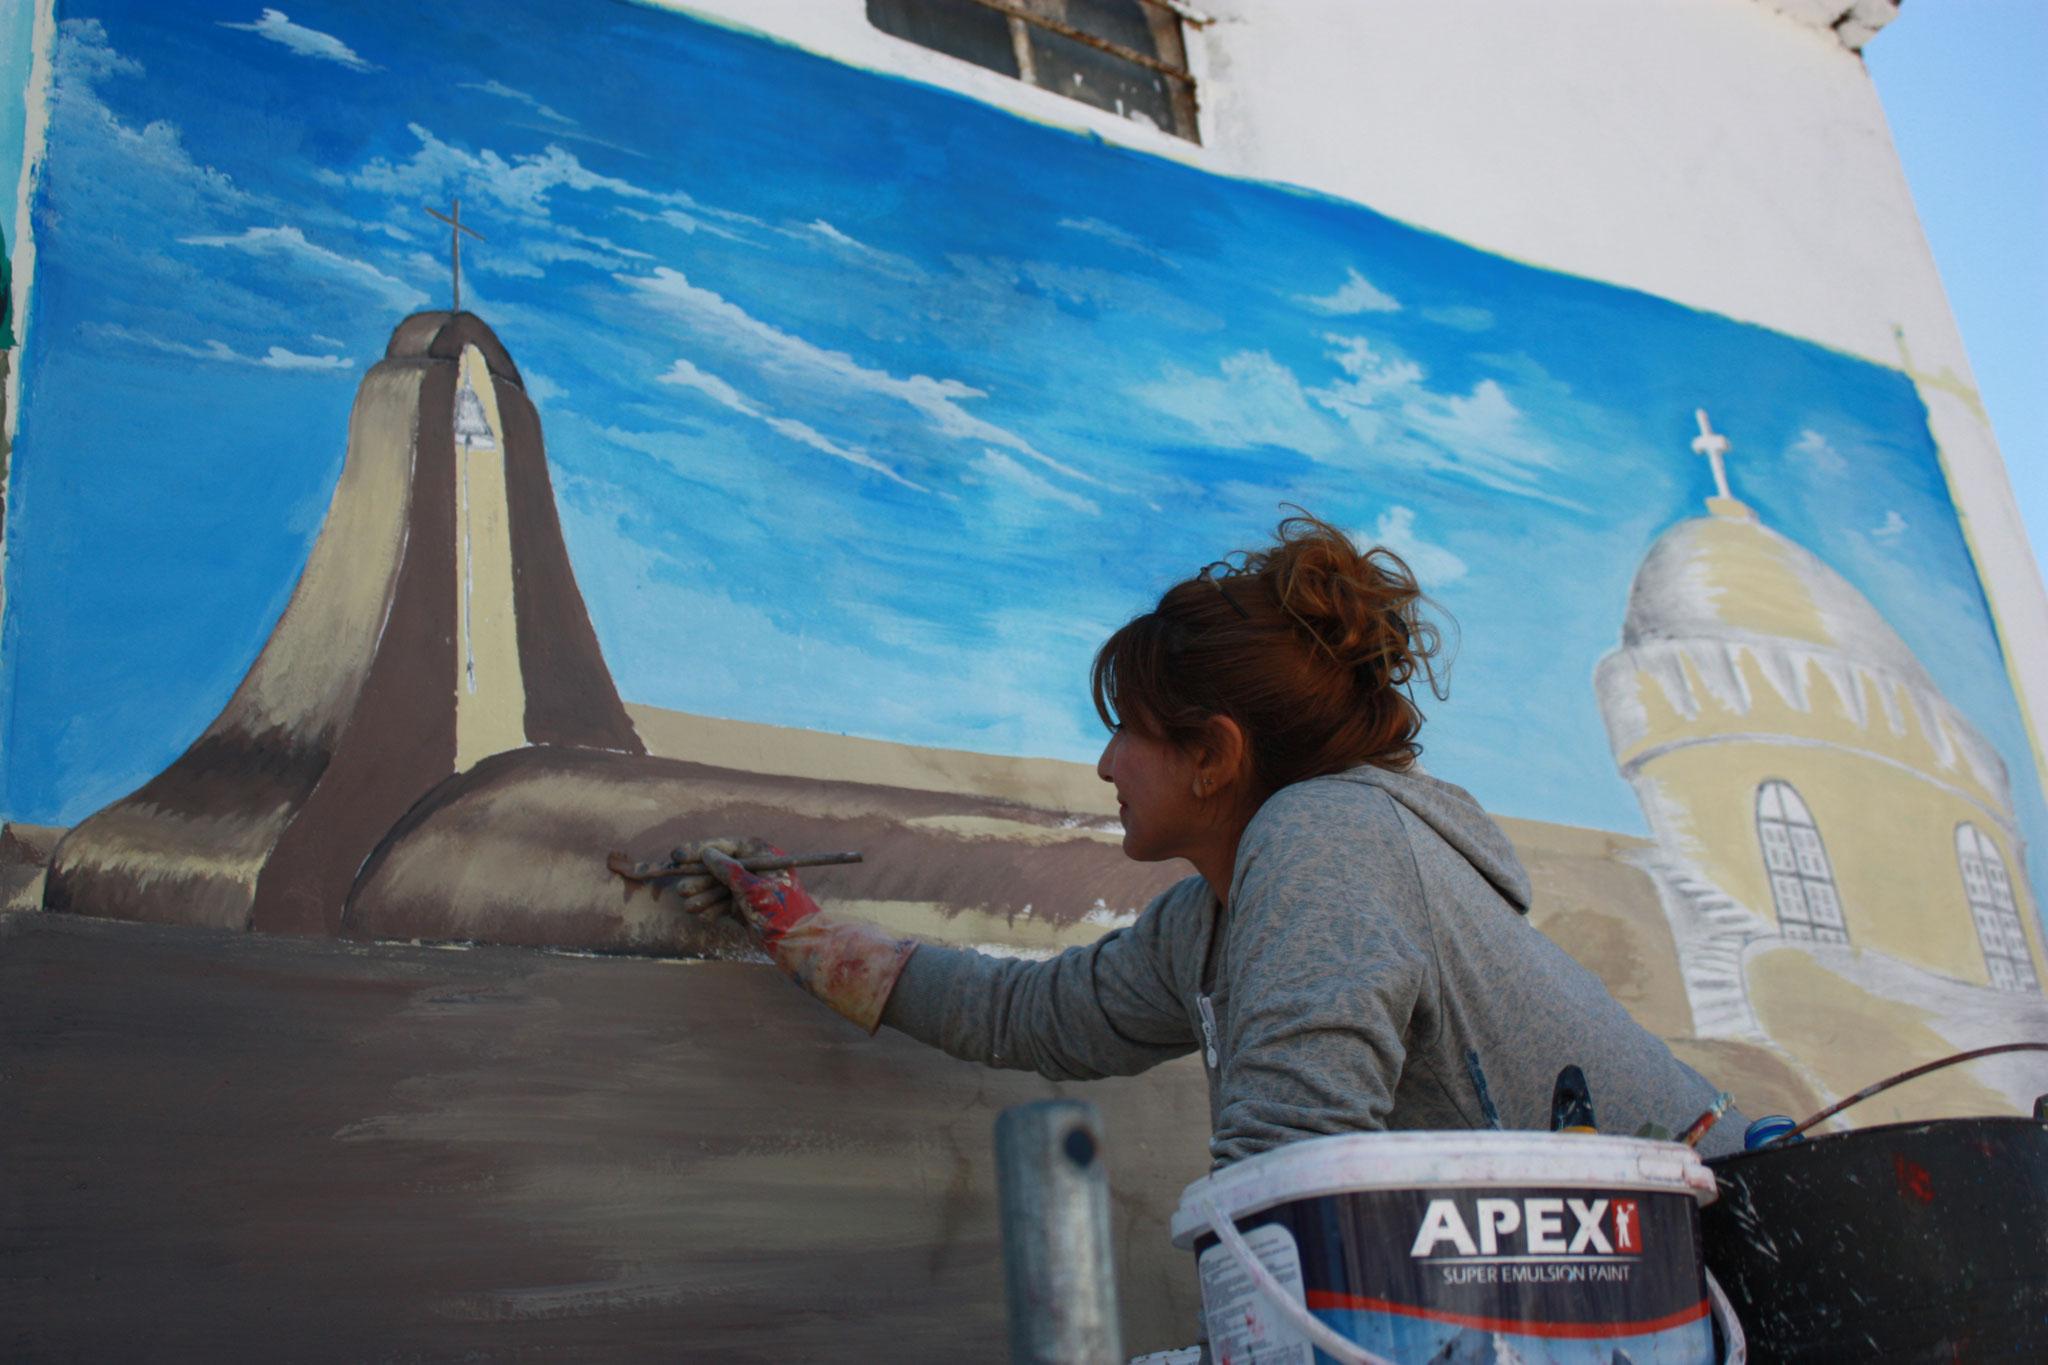 Kunstprojekt in Teleskof - eine muslimische Künstlerin malt eine christliche Kirche an die Wand eines Hauses in dem Ort, der vom IS zerstört worden war